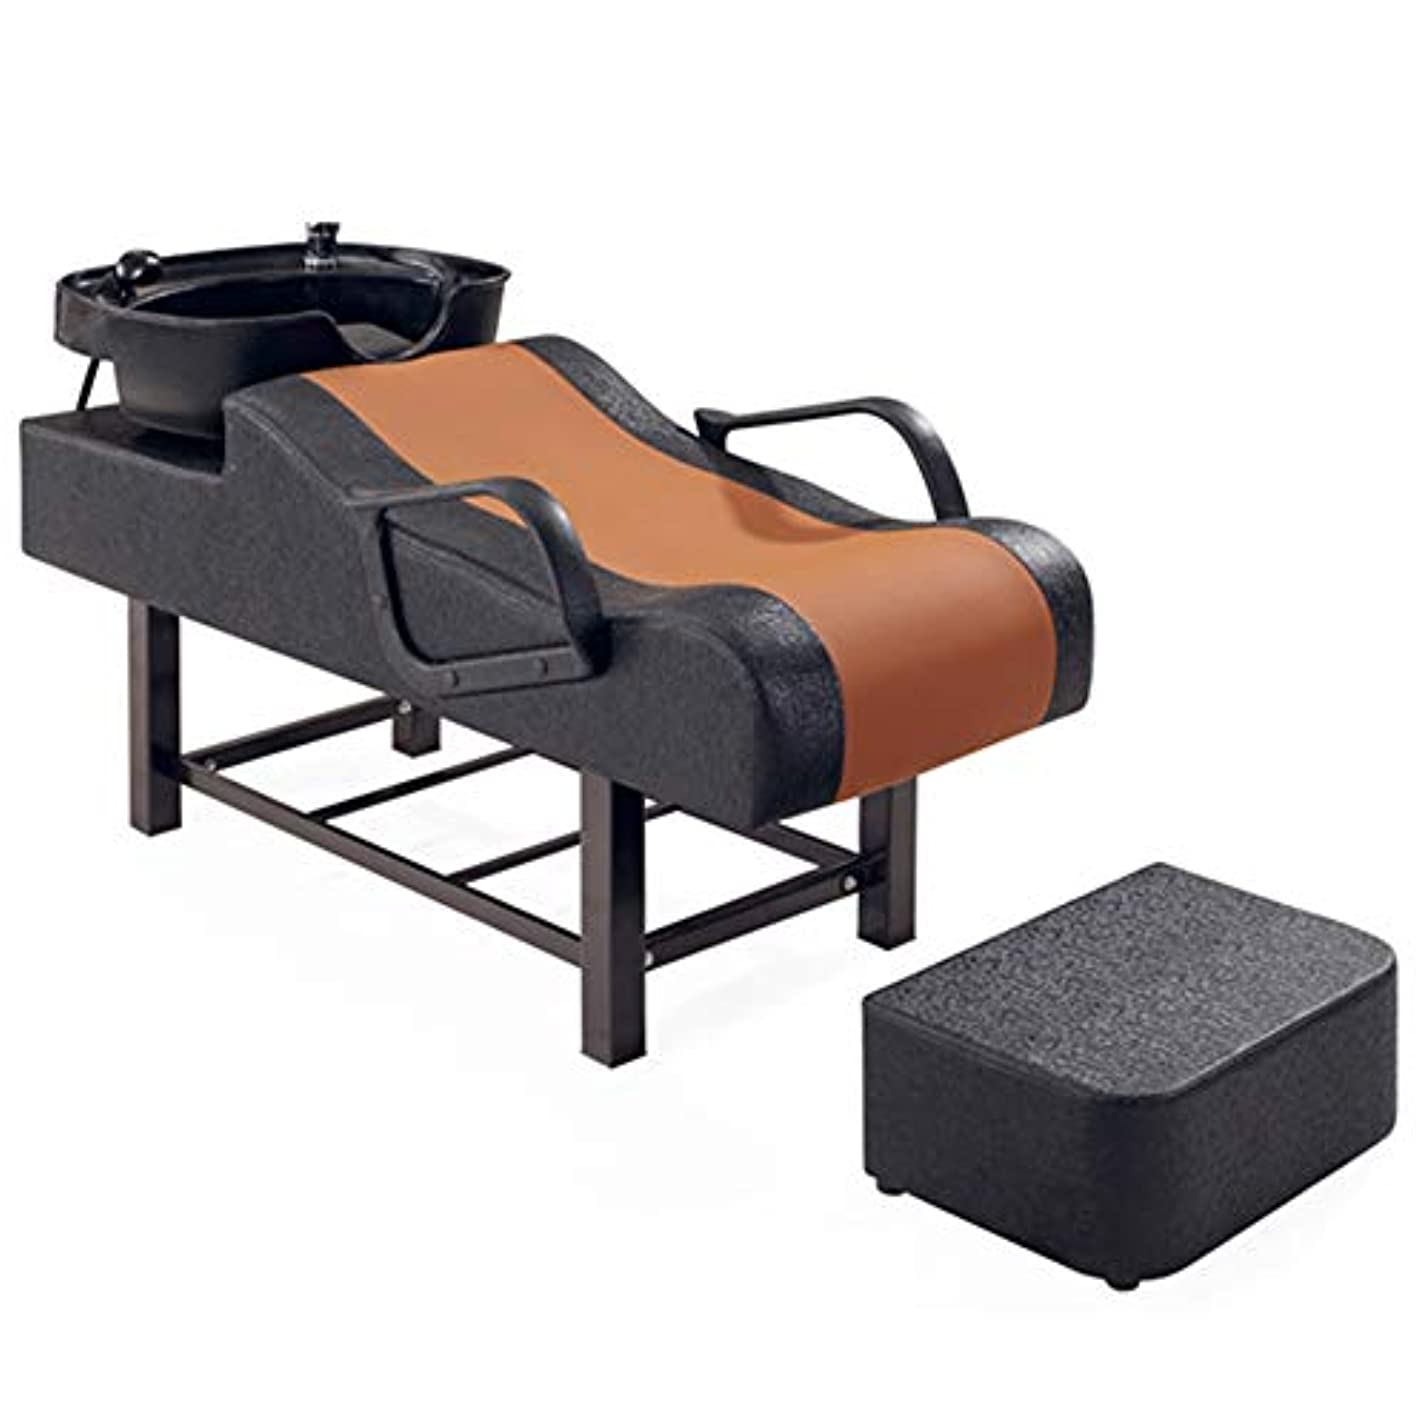 トライアスリート銀河アウトドアシャンプーの理髪師の逆洗の椅子、鉱泉の美容院の穿孔器のベッドのためのシャンプーボールの流しの椅子